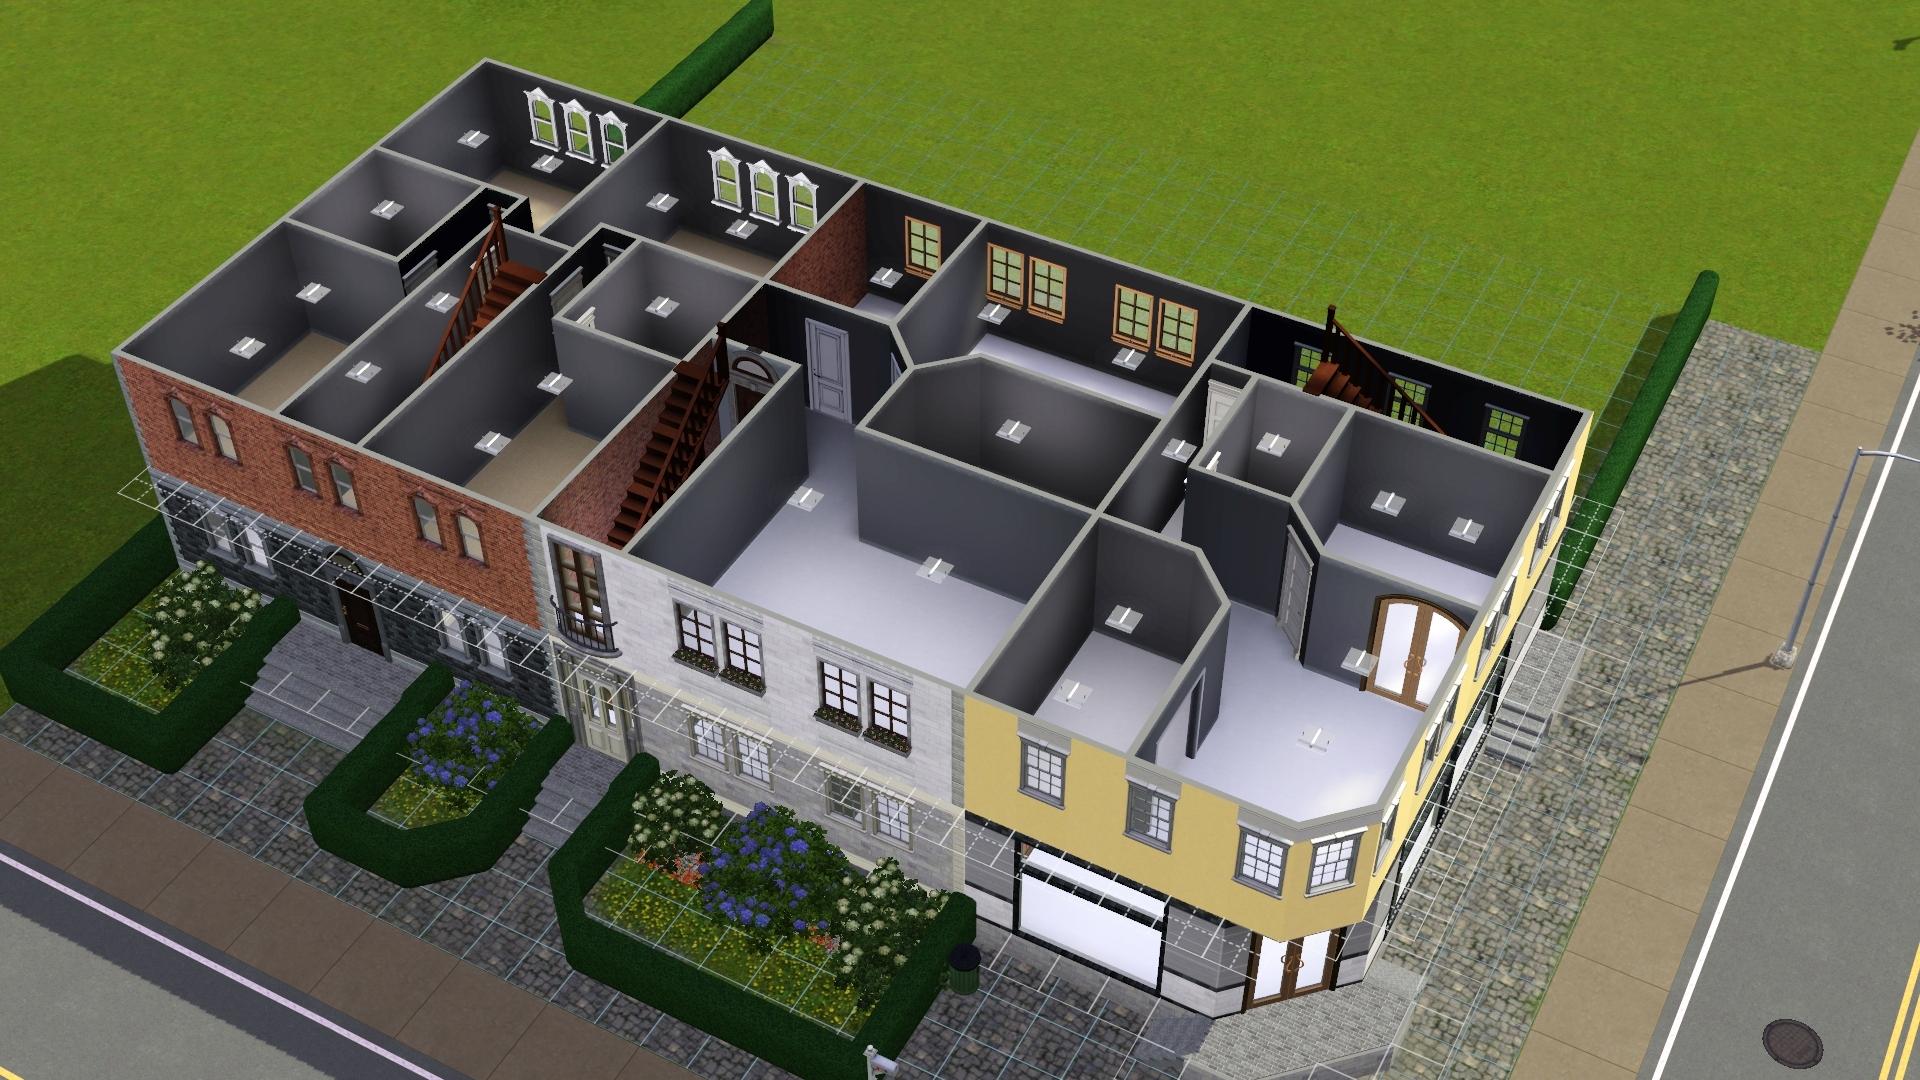 Sims 3 häuser von innen wohnzimmer  Vorstellung) Deutsche/Europäische Stadthäuser - Das große Sims 3 ...